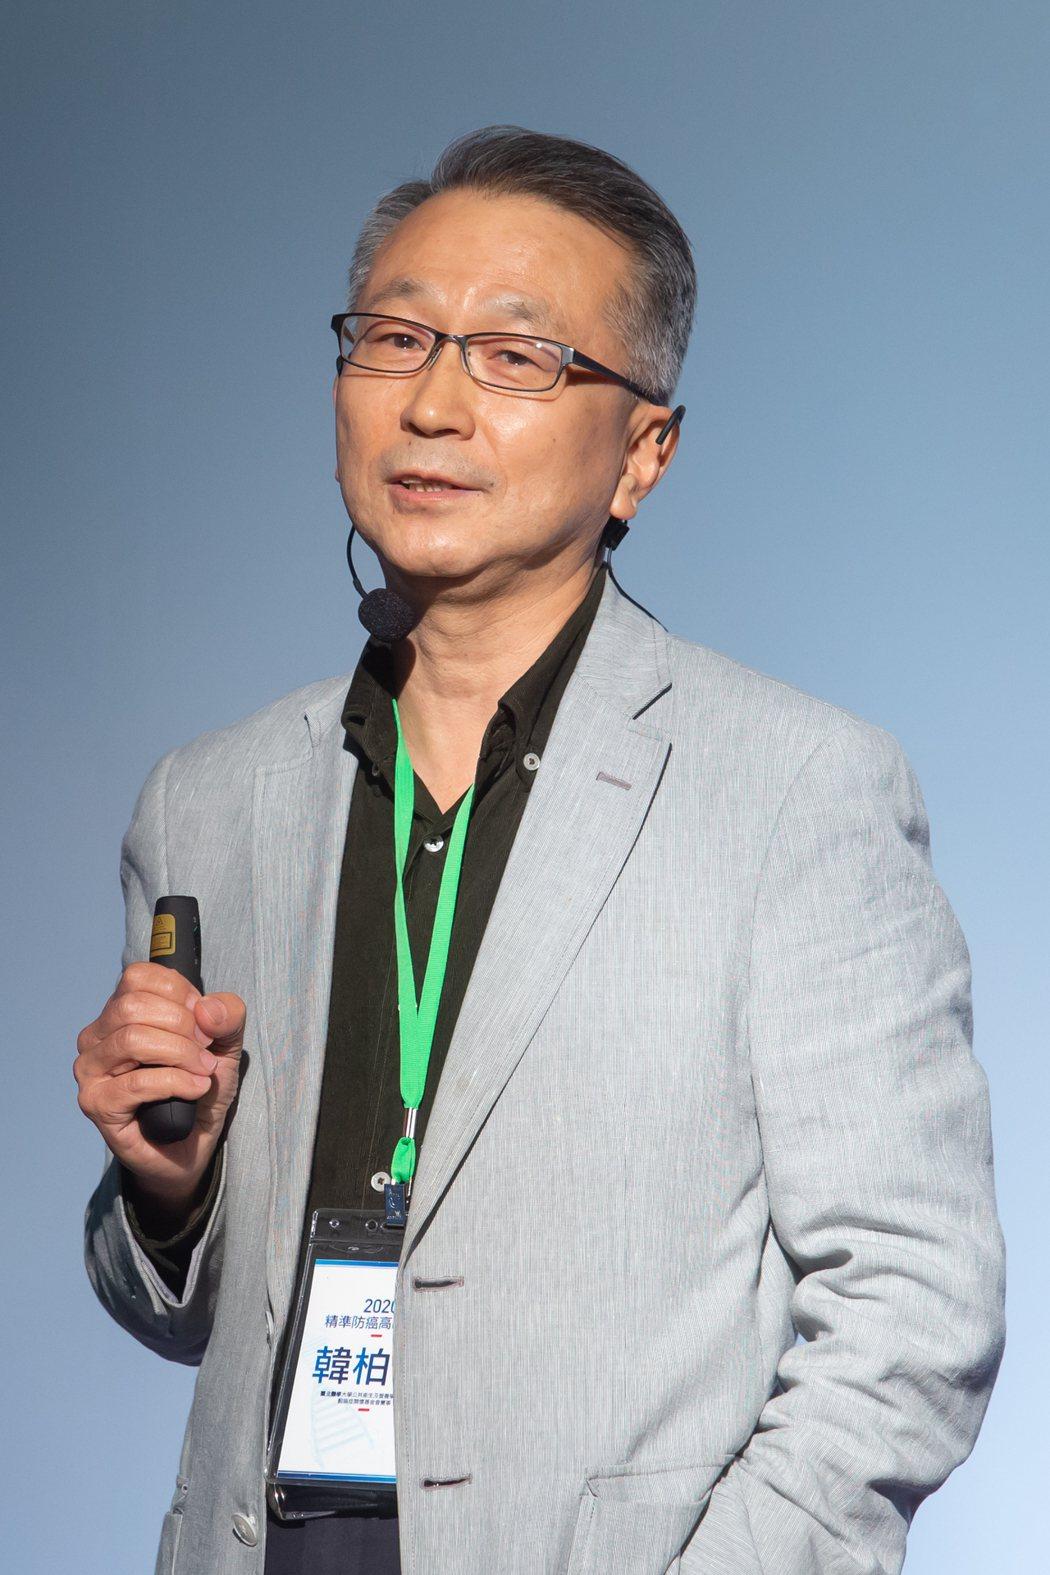 2020精準防癌高峰論壇昨天下午在台大集思國際會議廳舉行,台北醫學大學公共衛生及...